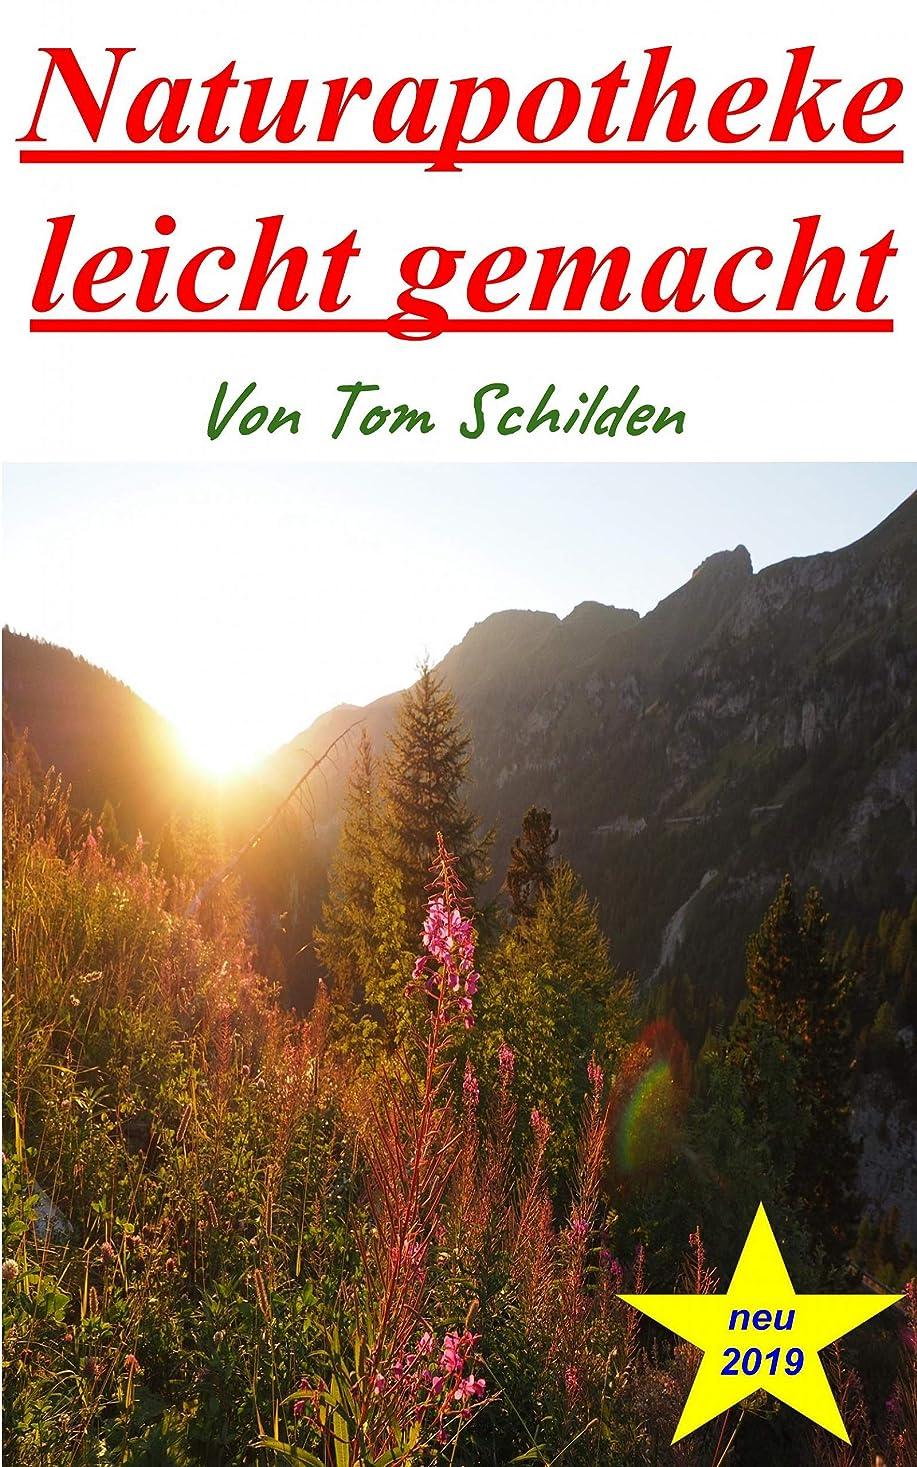 Naturapotheke leicht gemacht (German Edition)